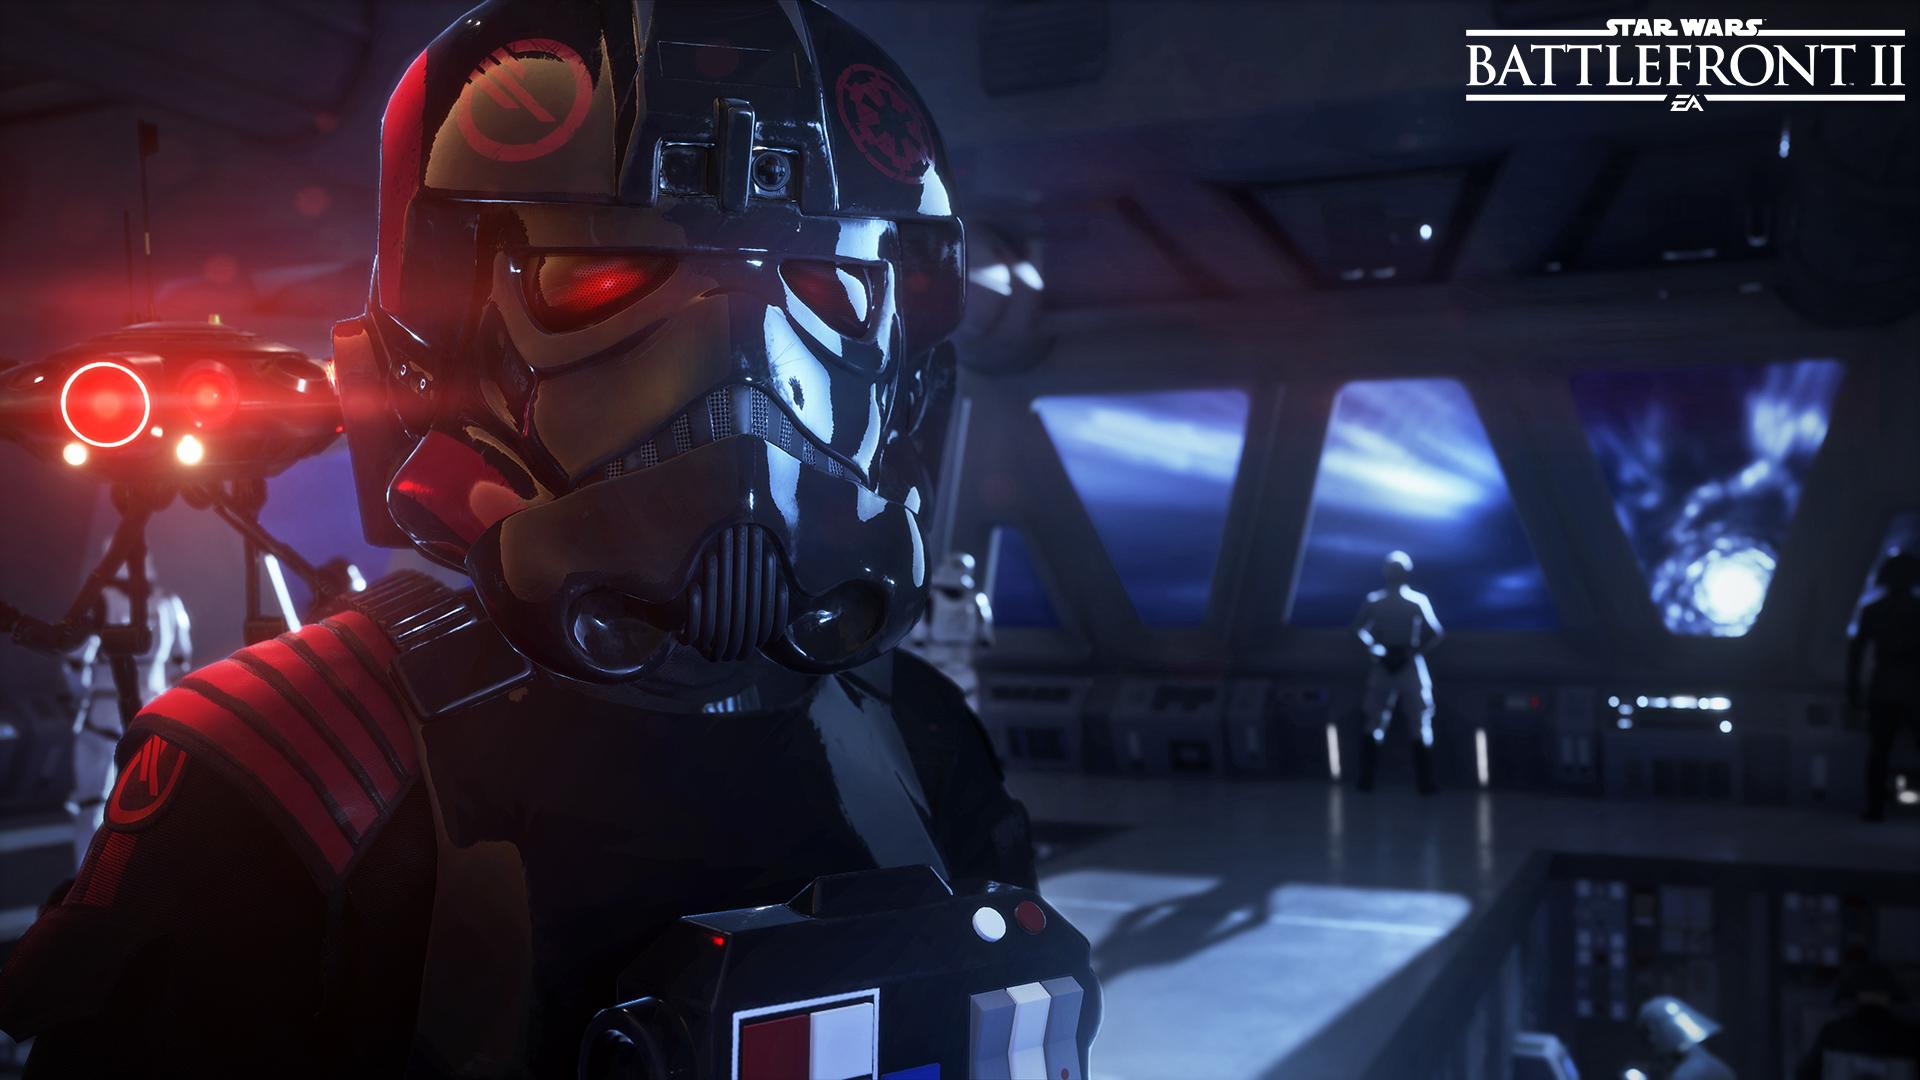 battlefront 2 details